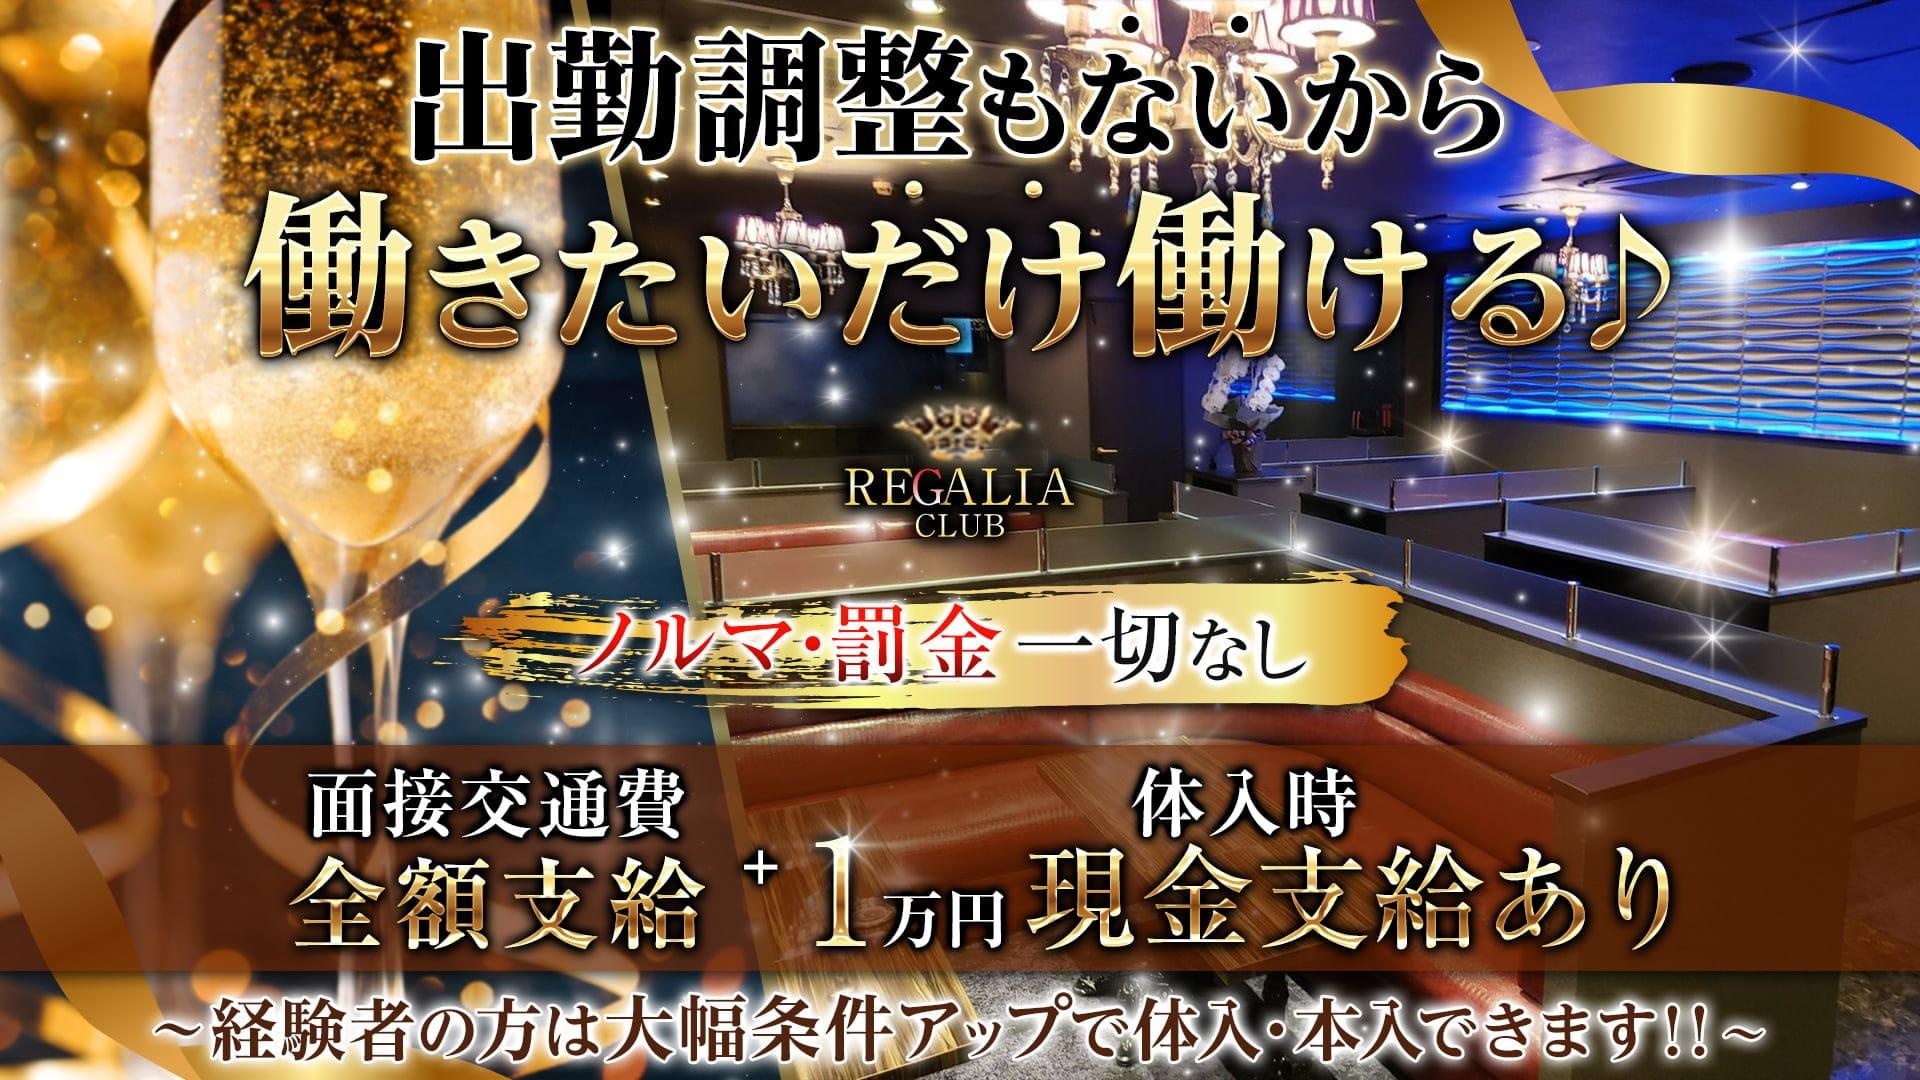 Club REGALIA(レガリア)【公式求人・体入情報】 錦糸町キャバクラ TOP画像